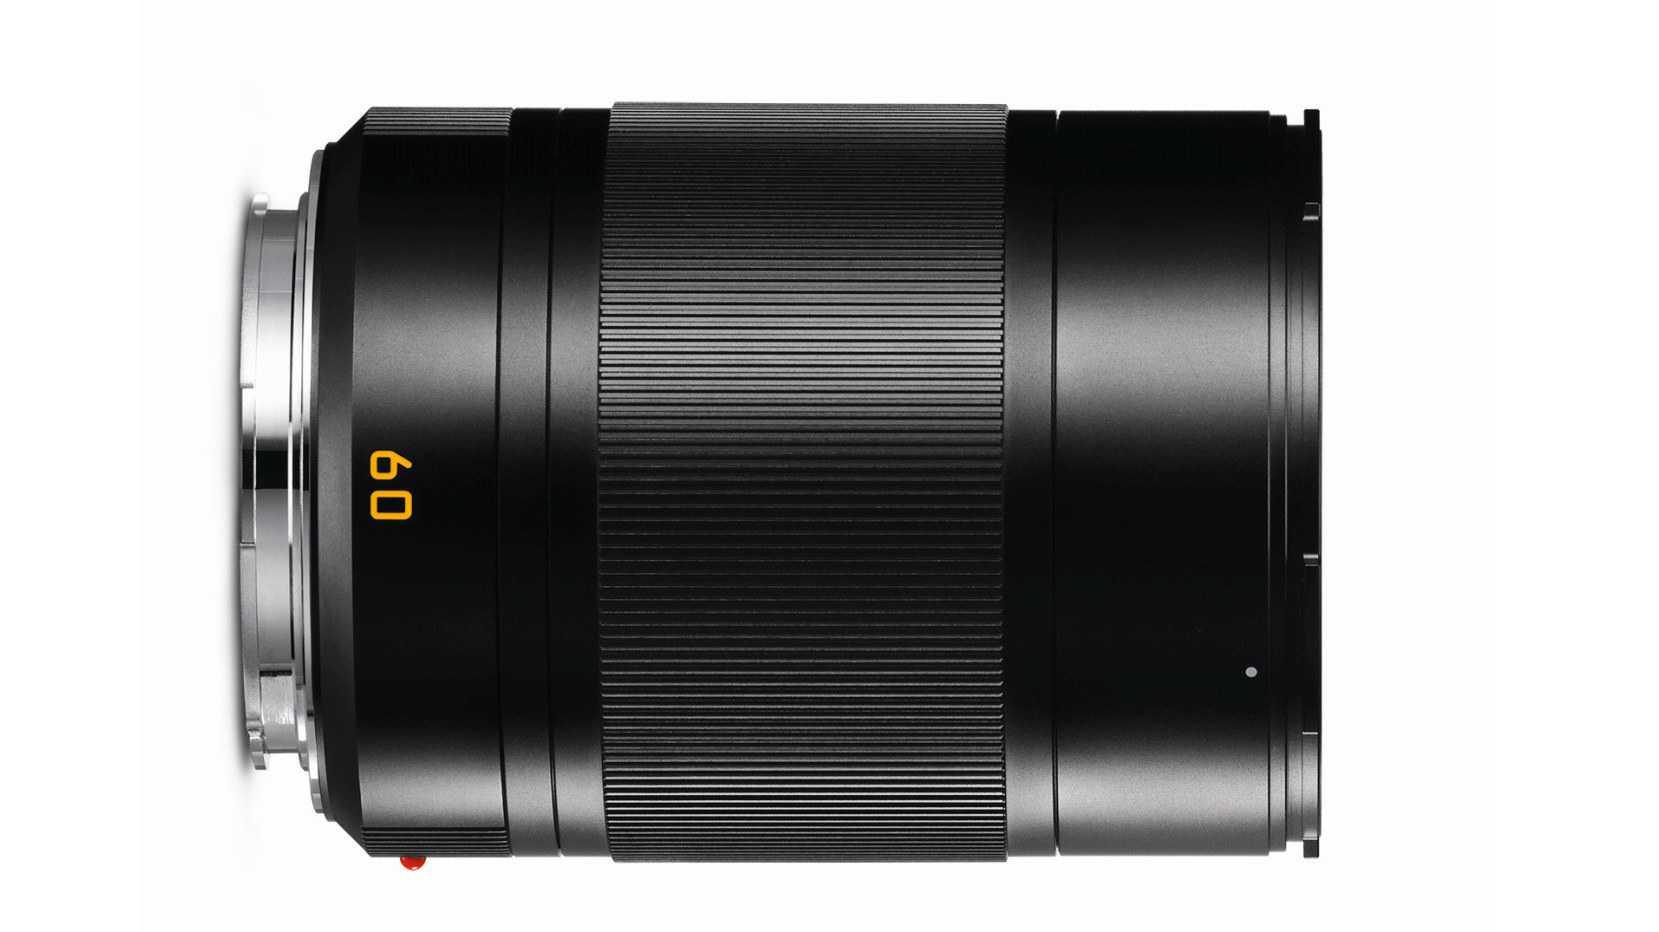 Festbrennweite für Leica T: Apo-Macro-Elmarit-TL 1:2,8/60 mm asph.